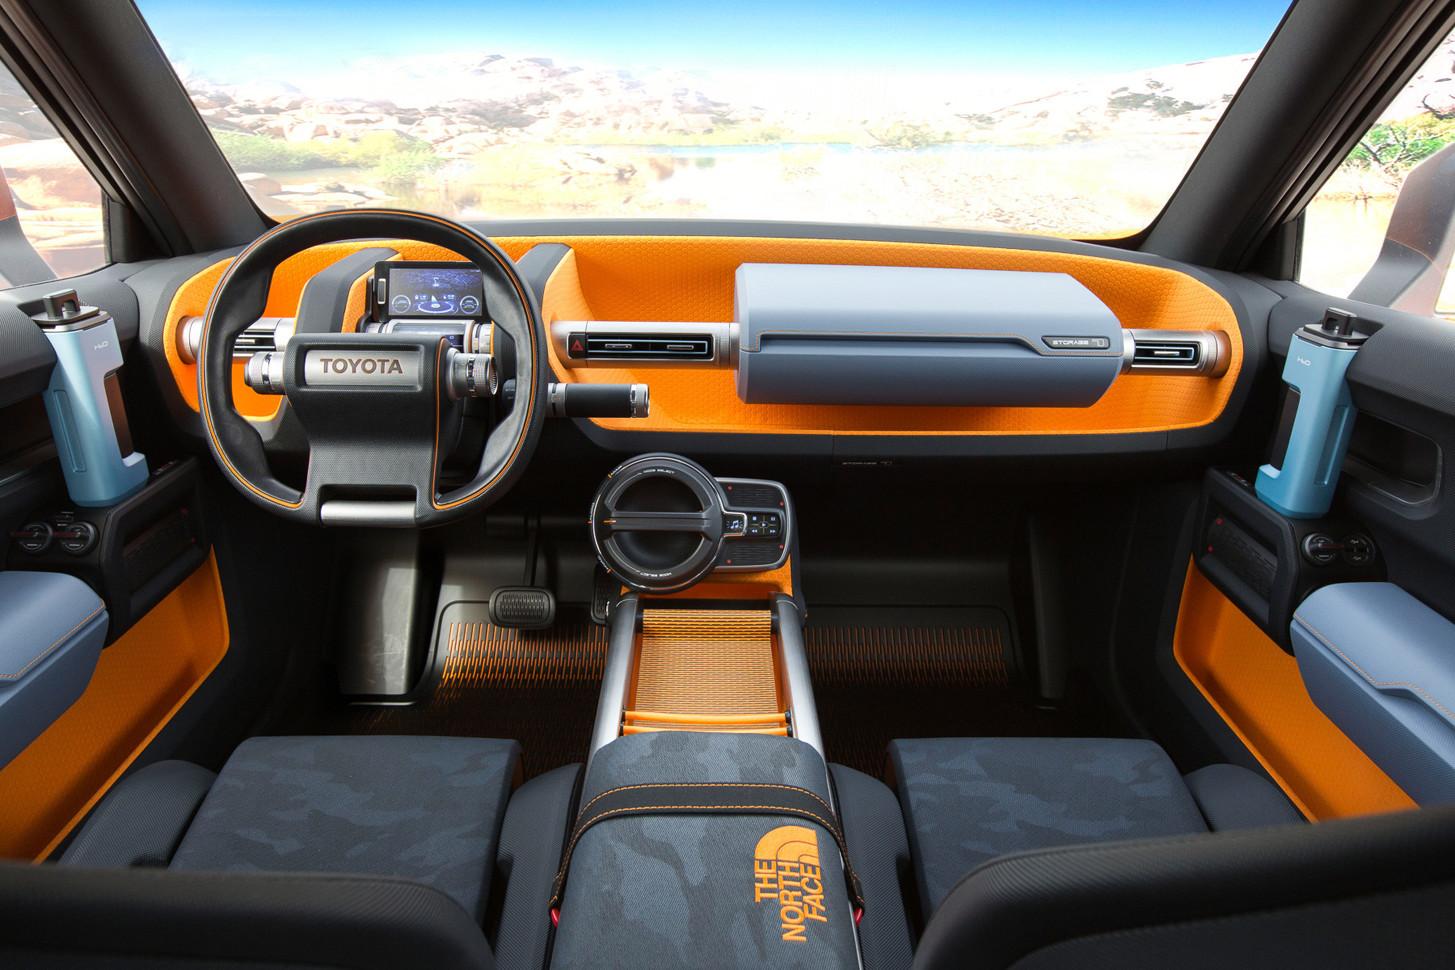 Toyota сделает ставку на новый паркетник вместо «Короллы» 2